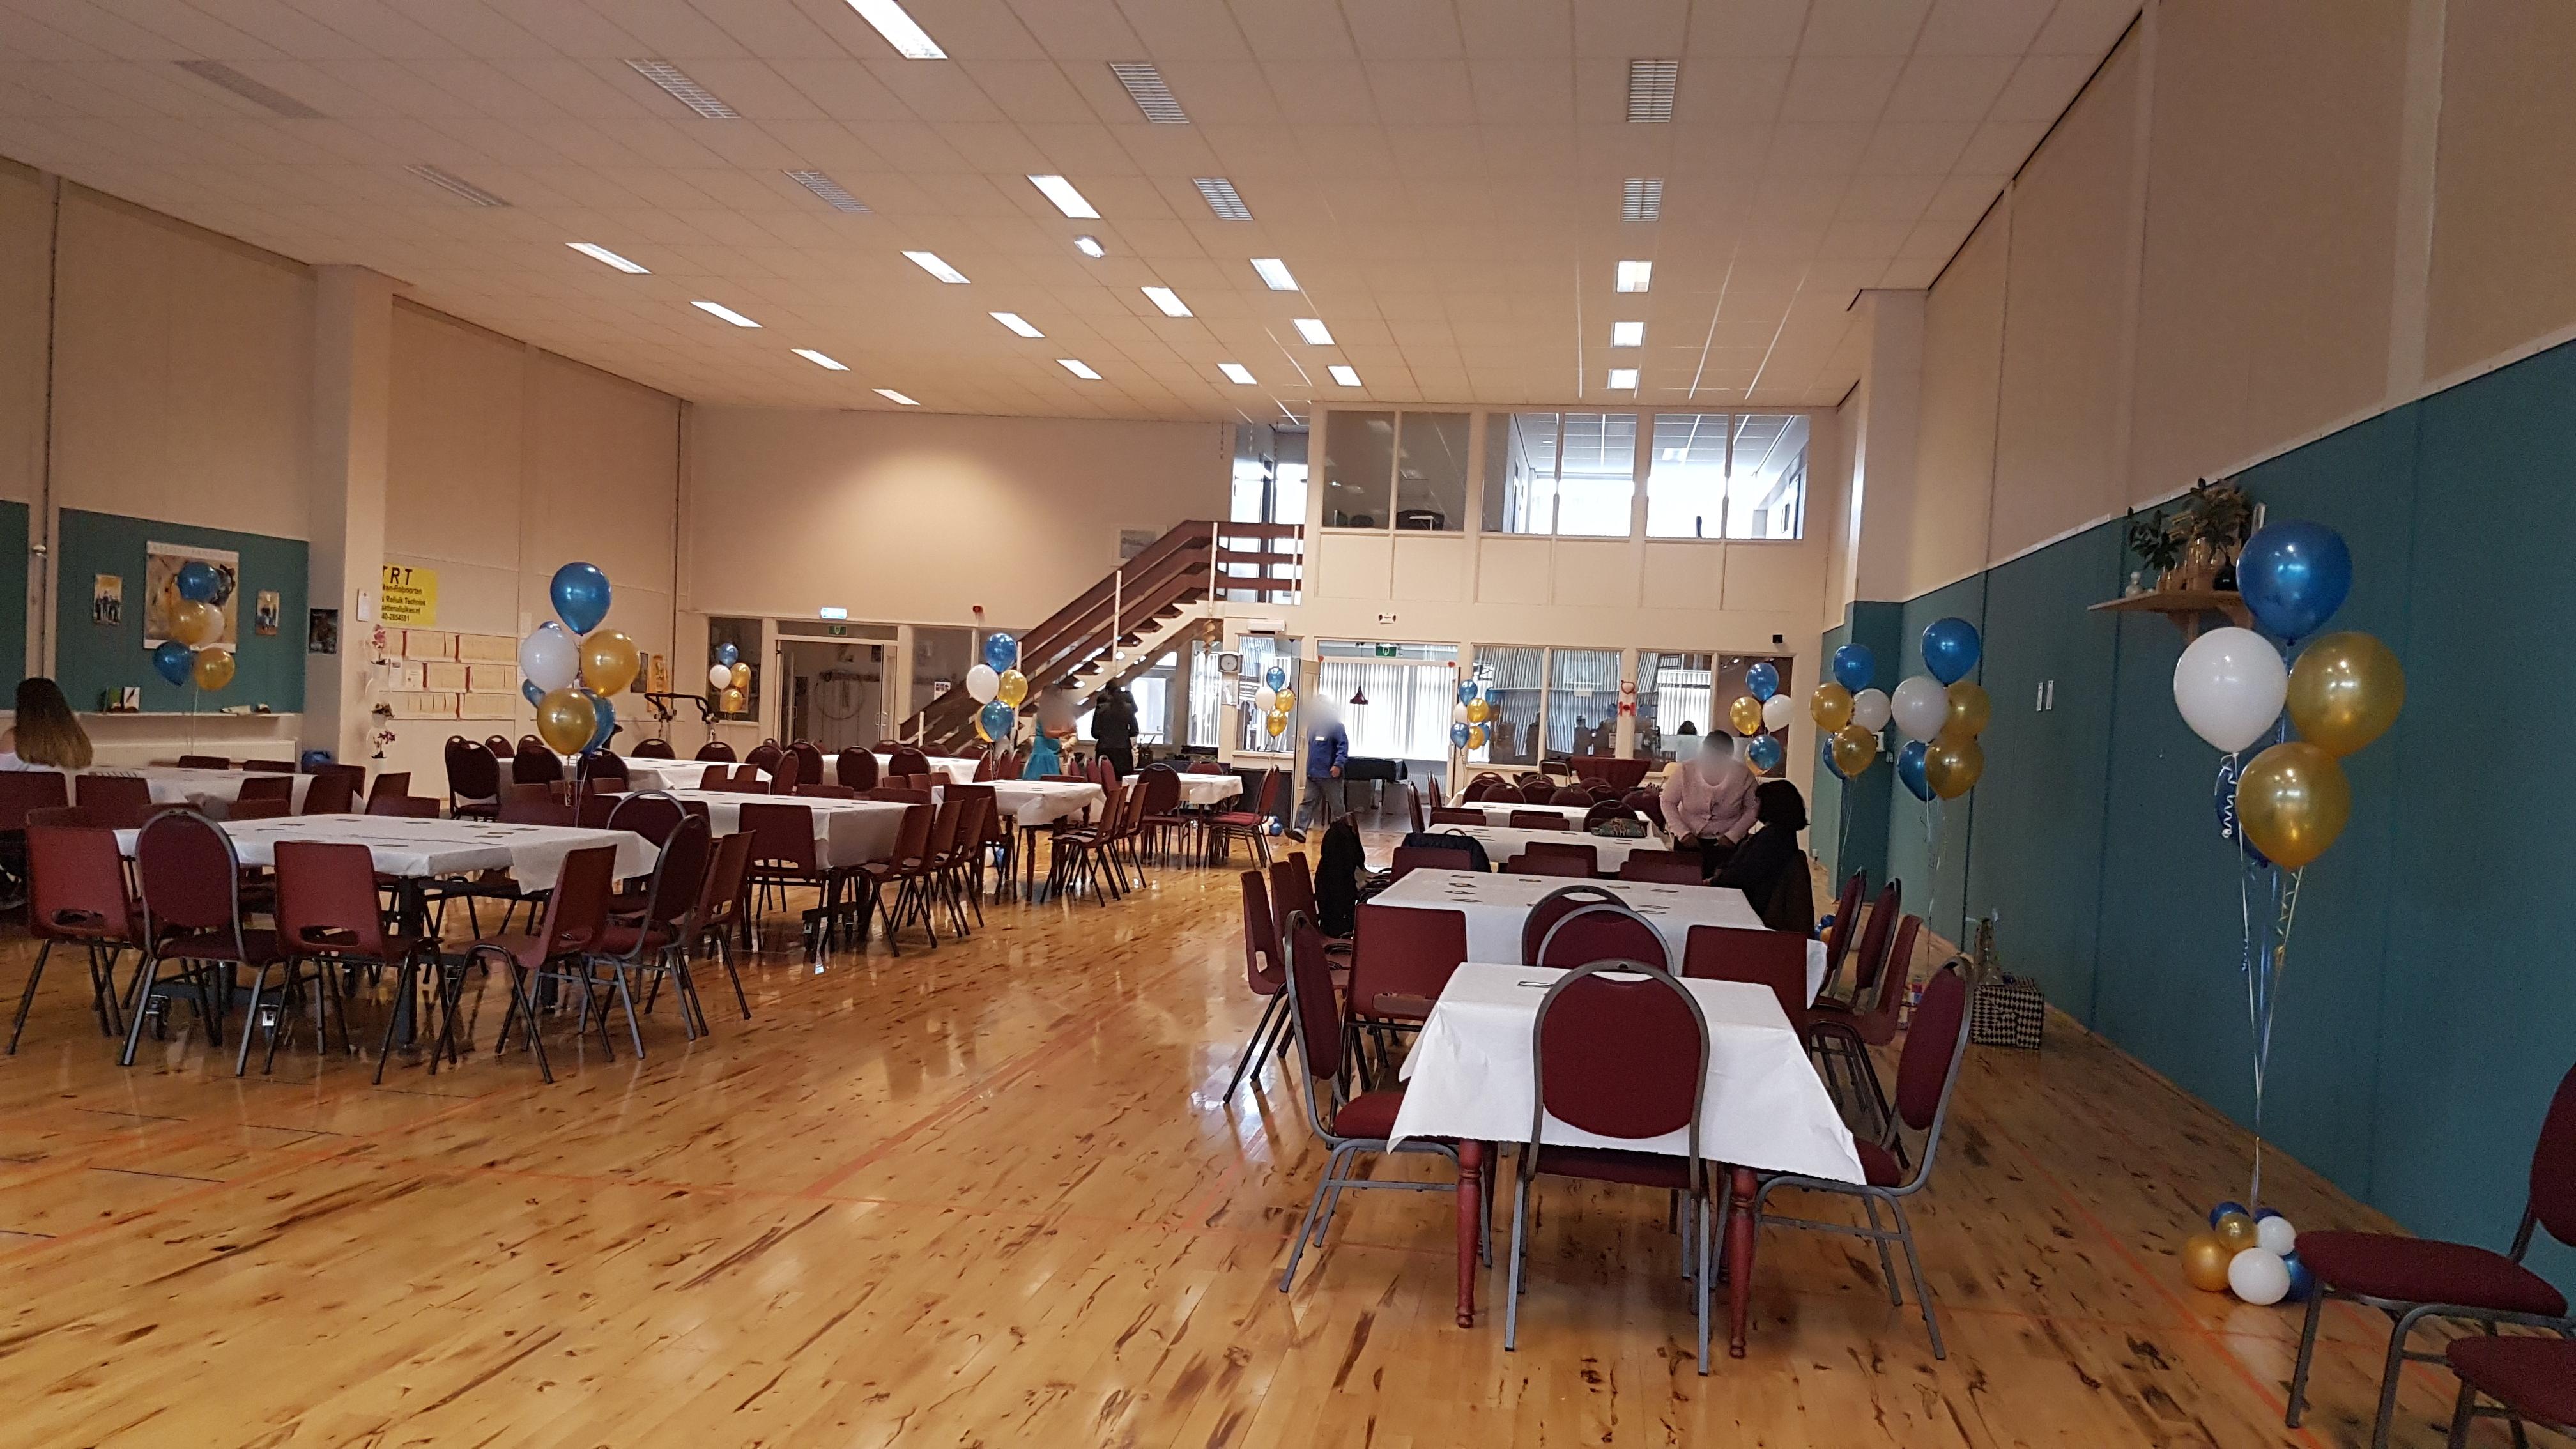 Heliumballonnen ballontrossen gronddecoratie vloerdecoratie tafeldecoratie ceremoniefeest Balloon Styling Tilburg